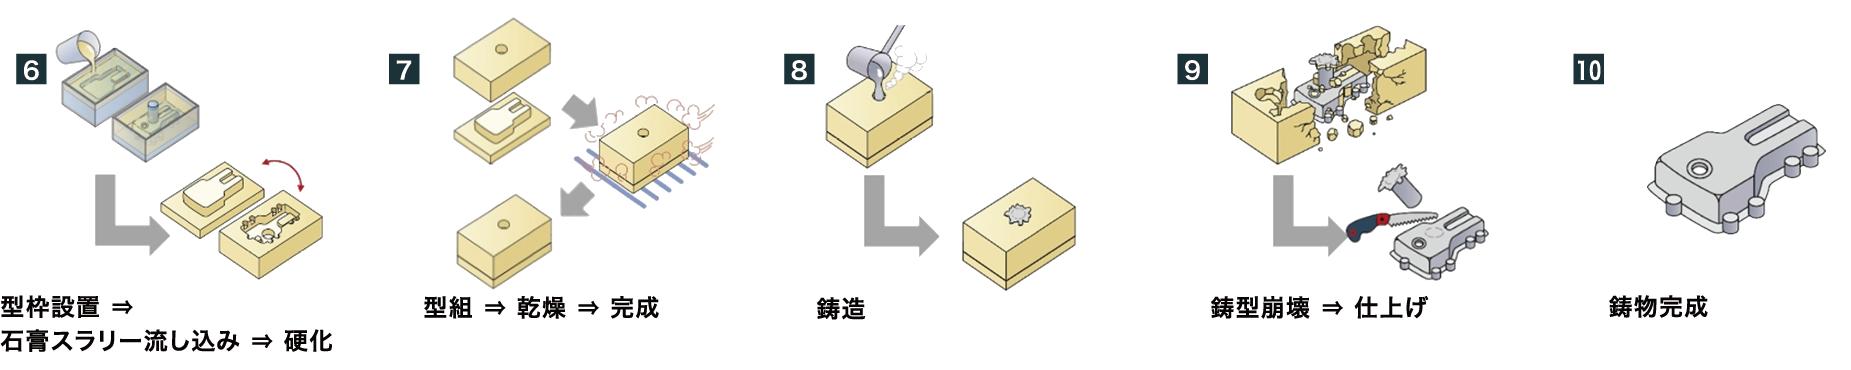 石膏鋳造法 製作工程画像